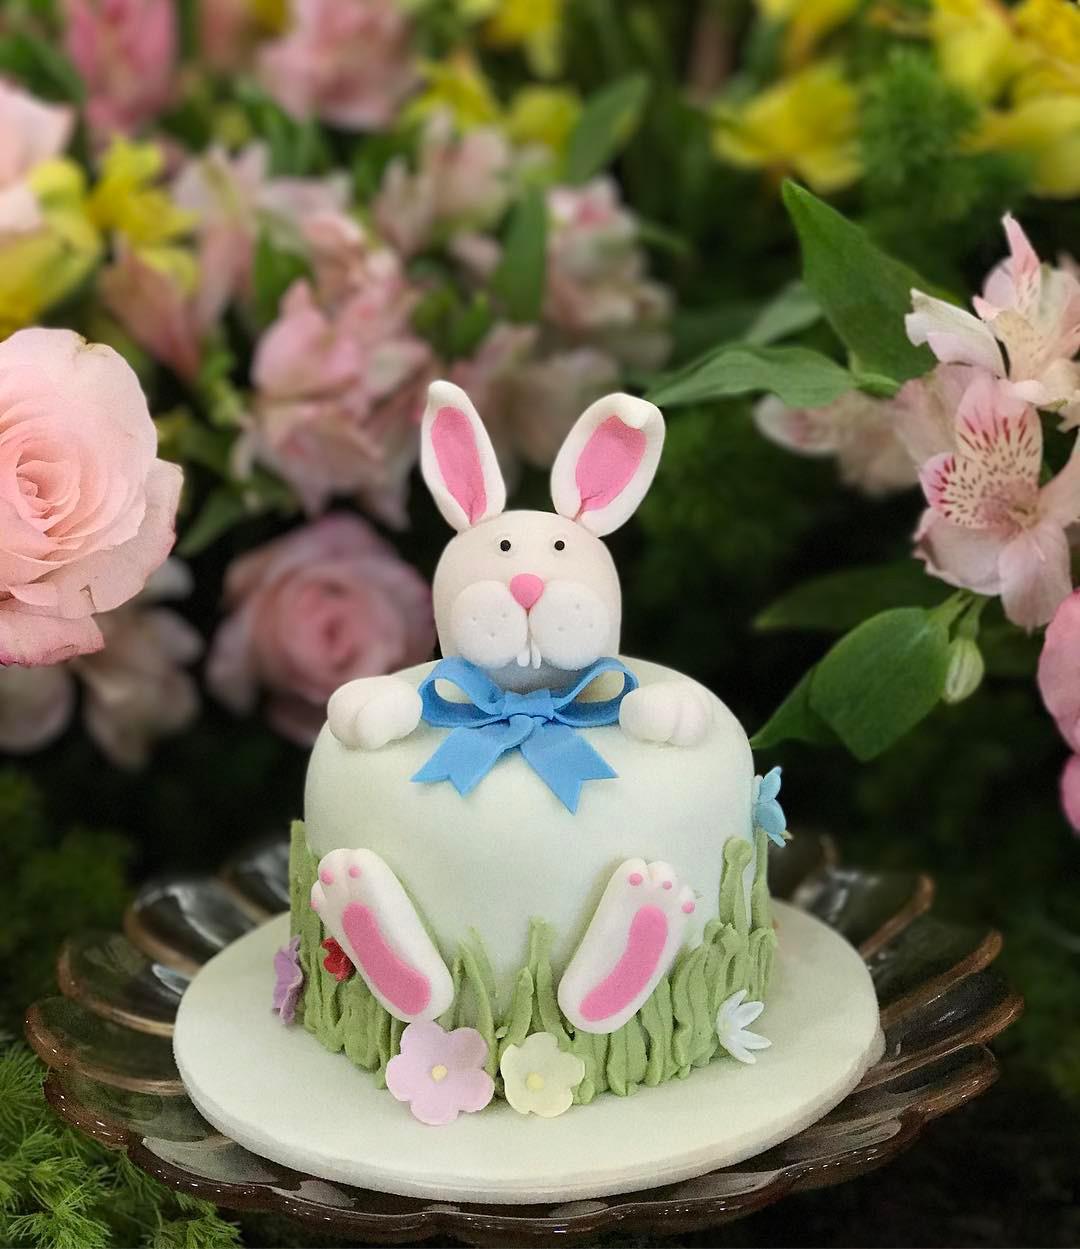 Oster-Bastelideen kleine Torte zu Ostern